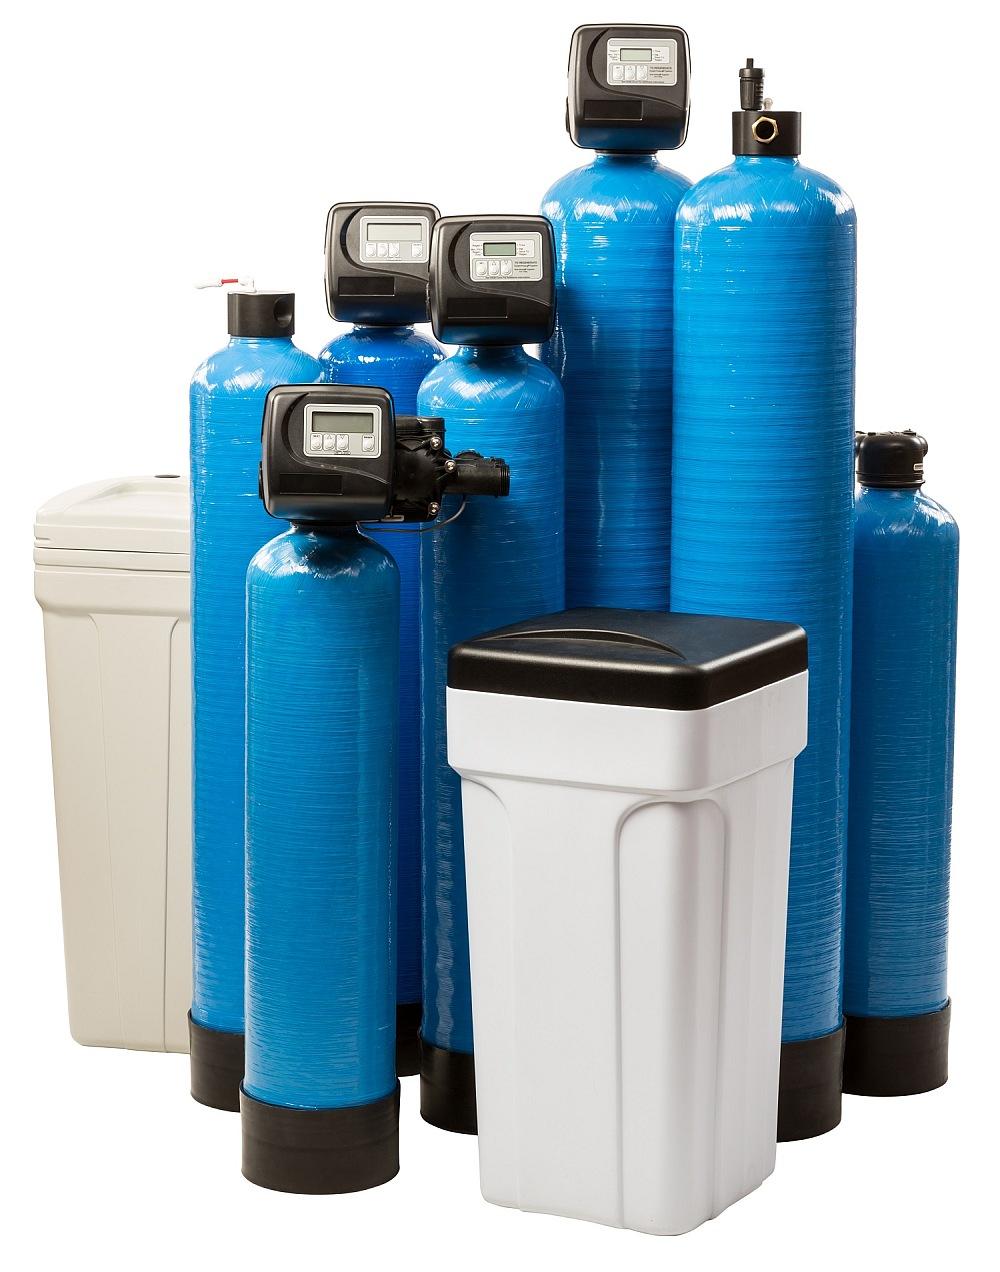 Vandens filtrai – sveikatai ir geresniam gyvenimui